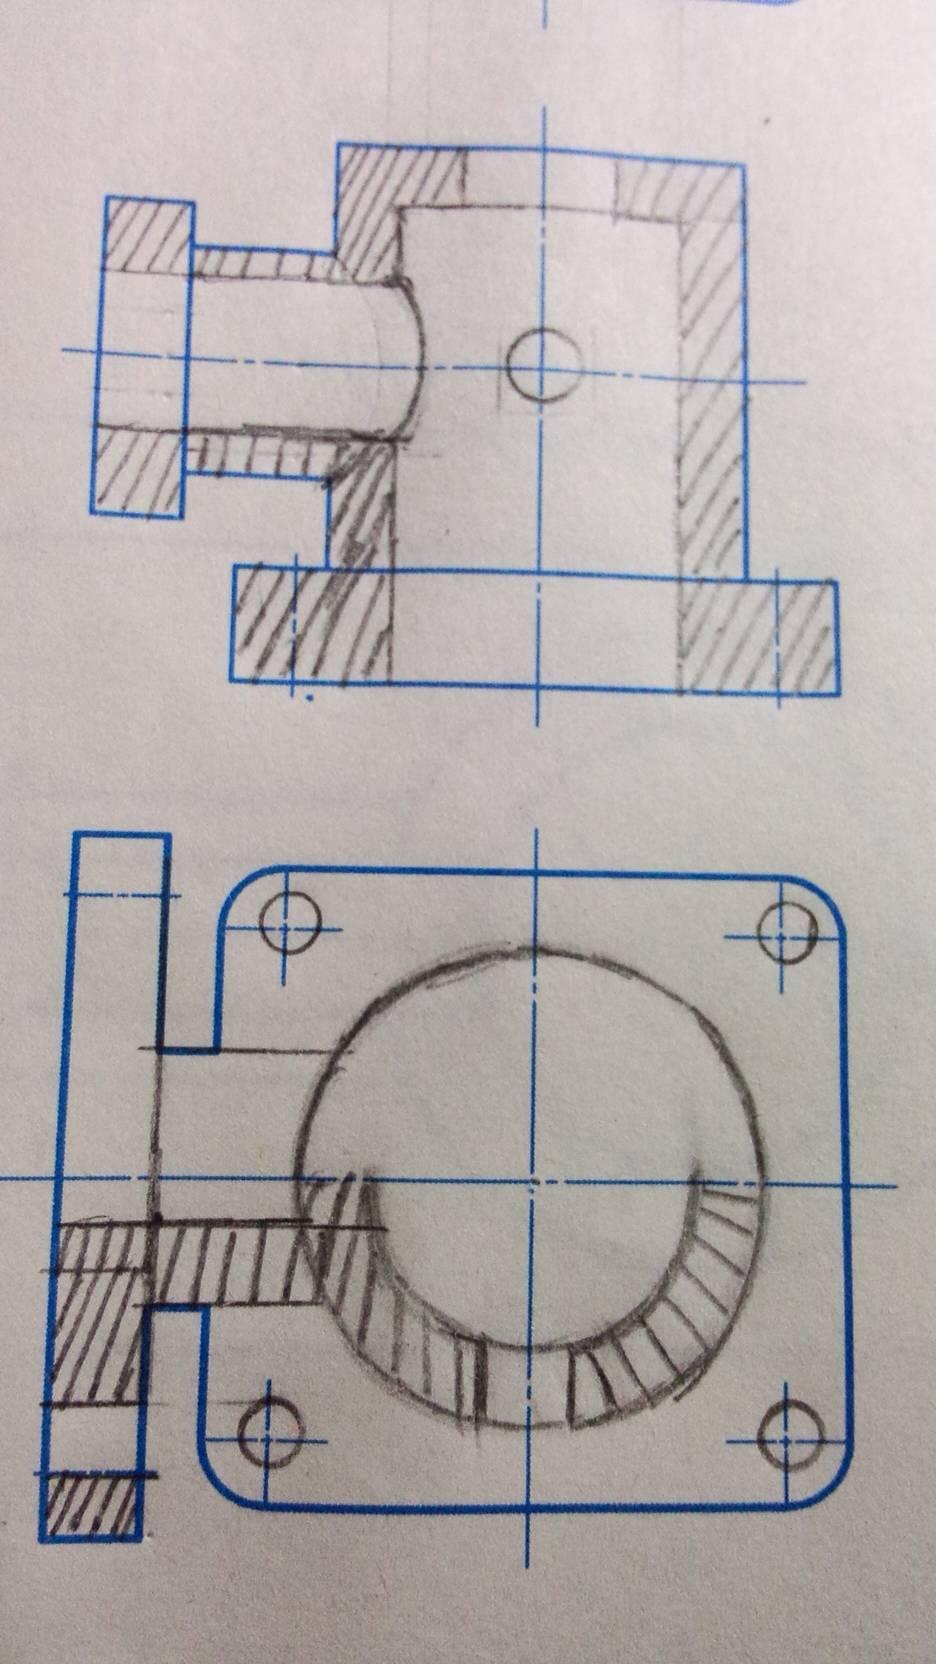 机械制图半剖视图_机械制图,将主视图画成全剖视图,把俯视图和左视图画成半剖 ...